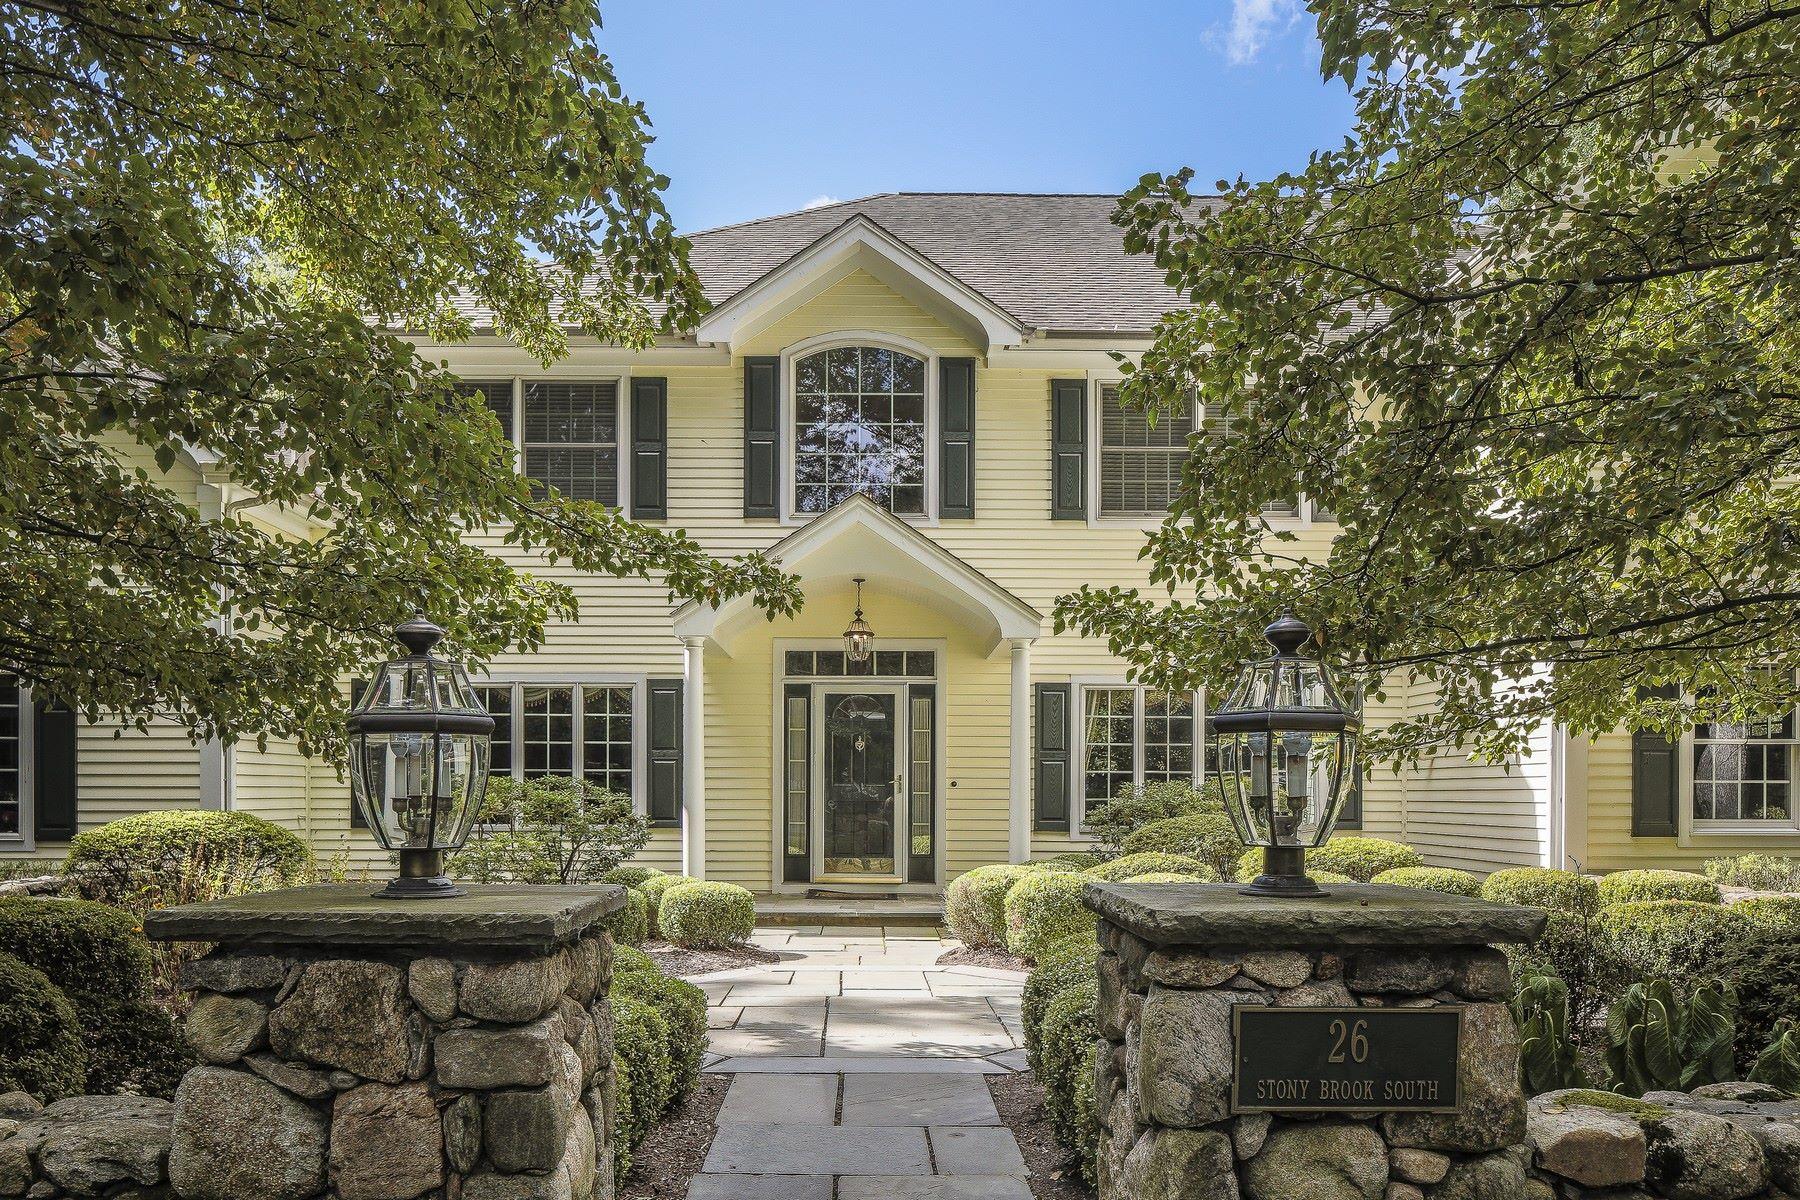 단독 가정 주택 용 매매 에 Cul-de-sac Colonial 26 S Stony Brook Road Darien, 코네티컷, 06820 미국